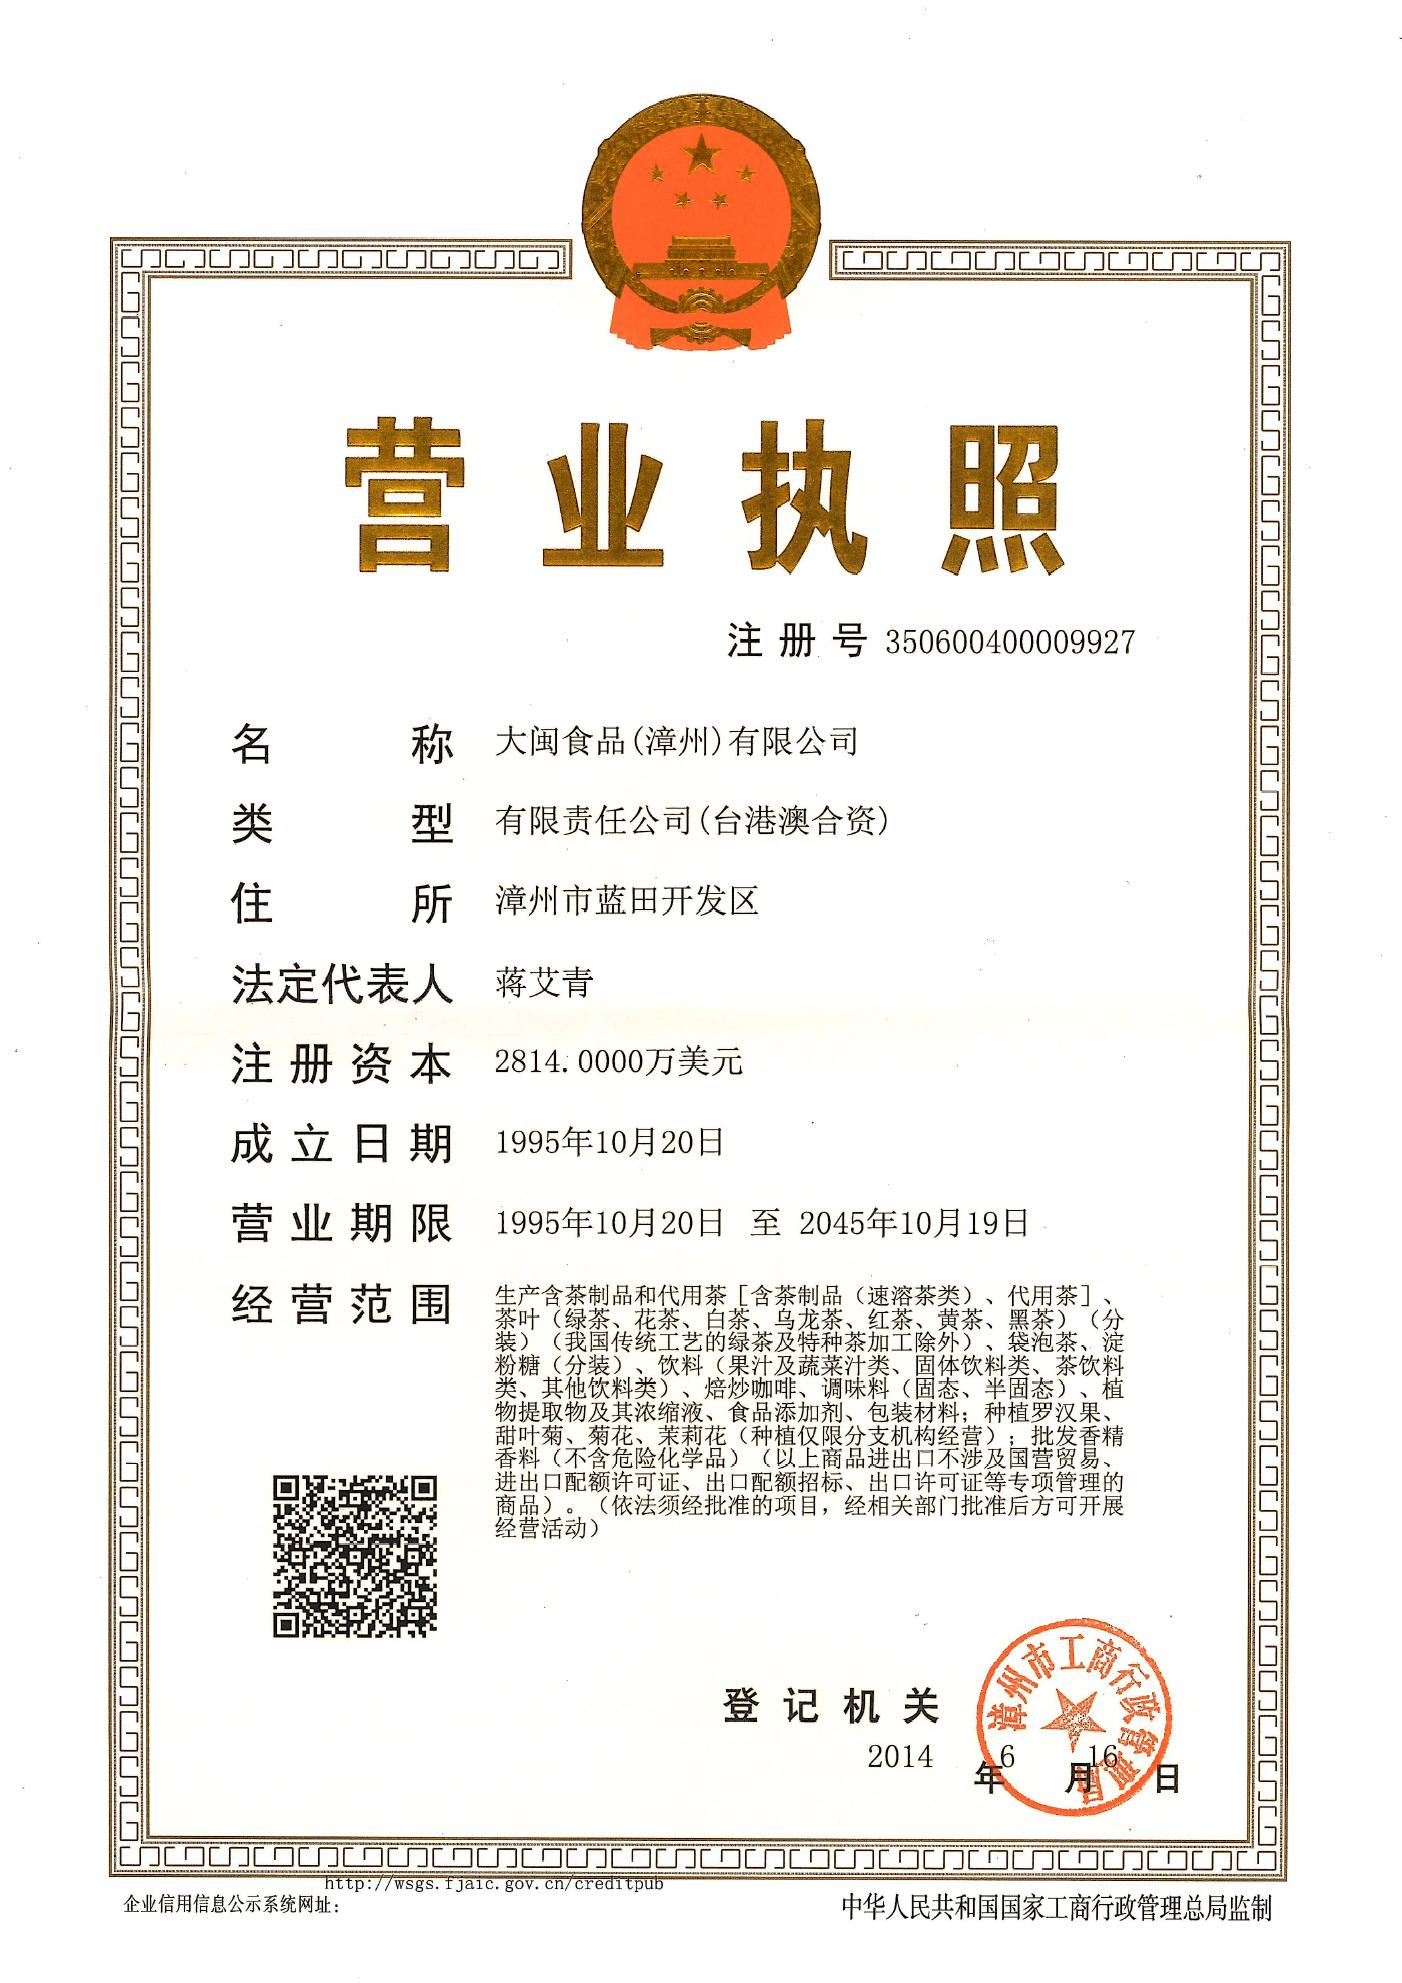 企业资质_大闽食品(漳州)有限公司